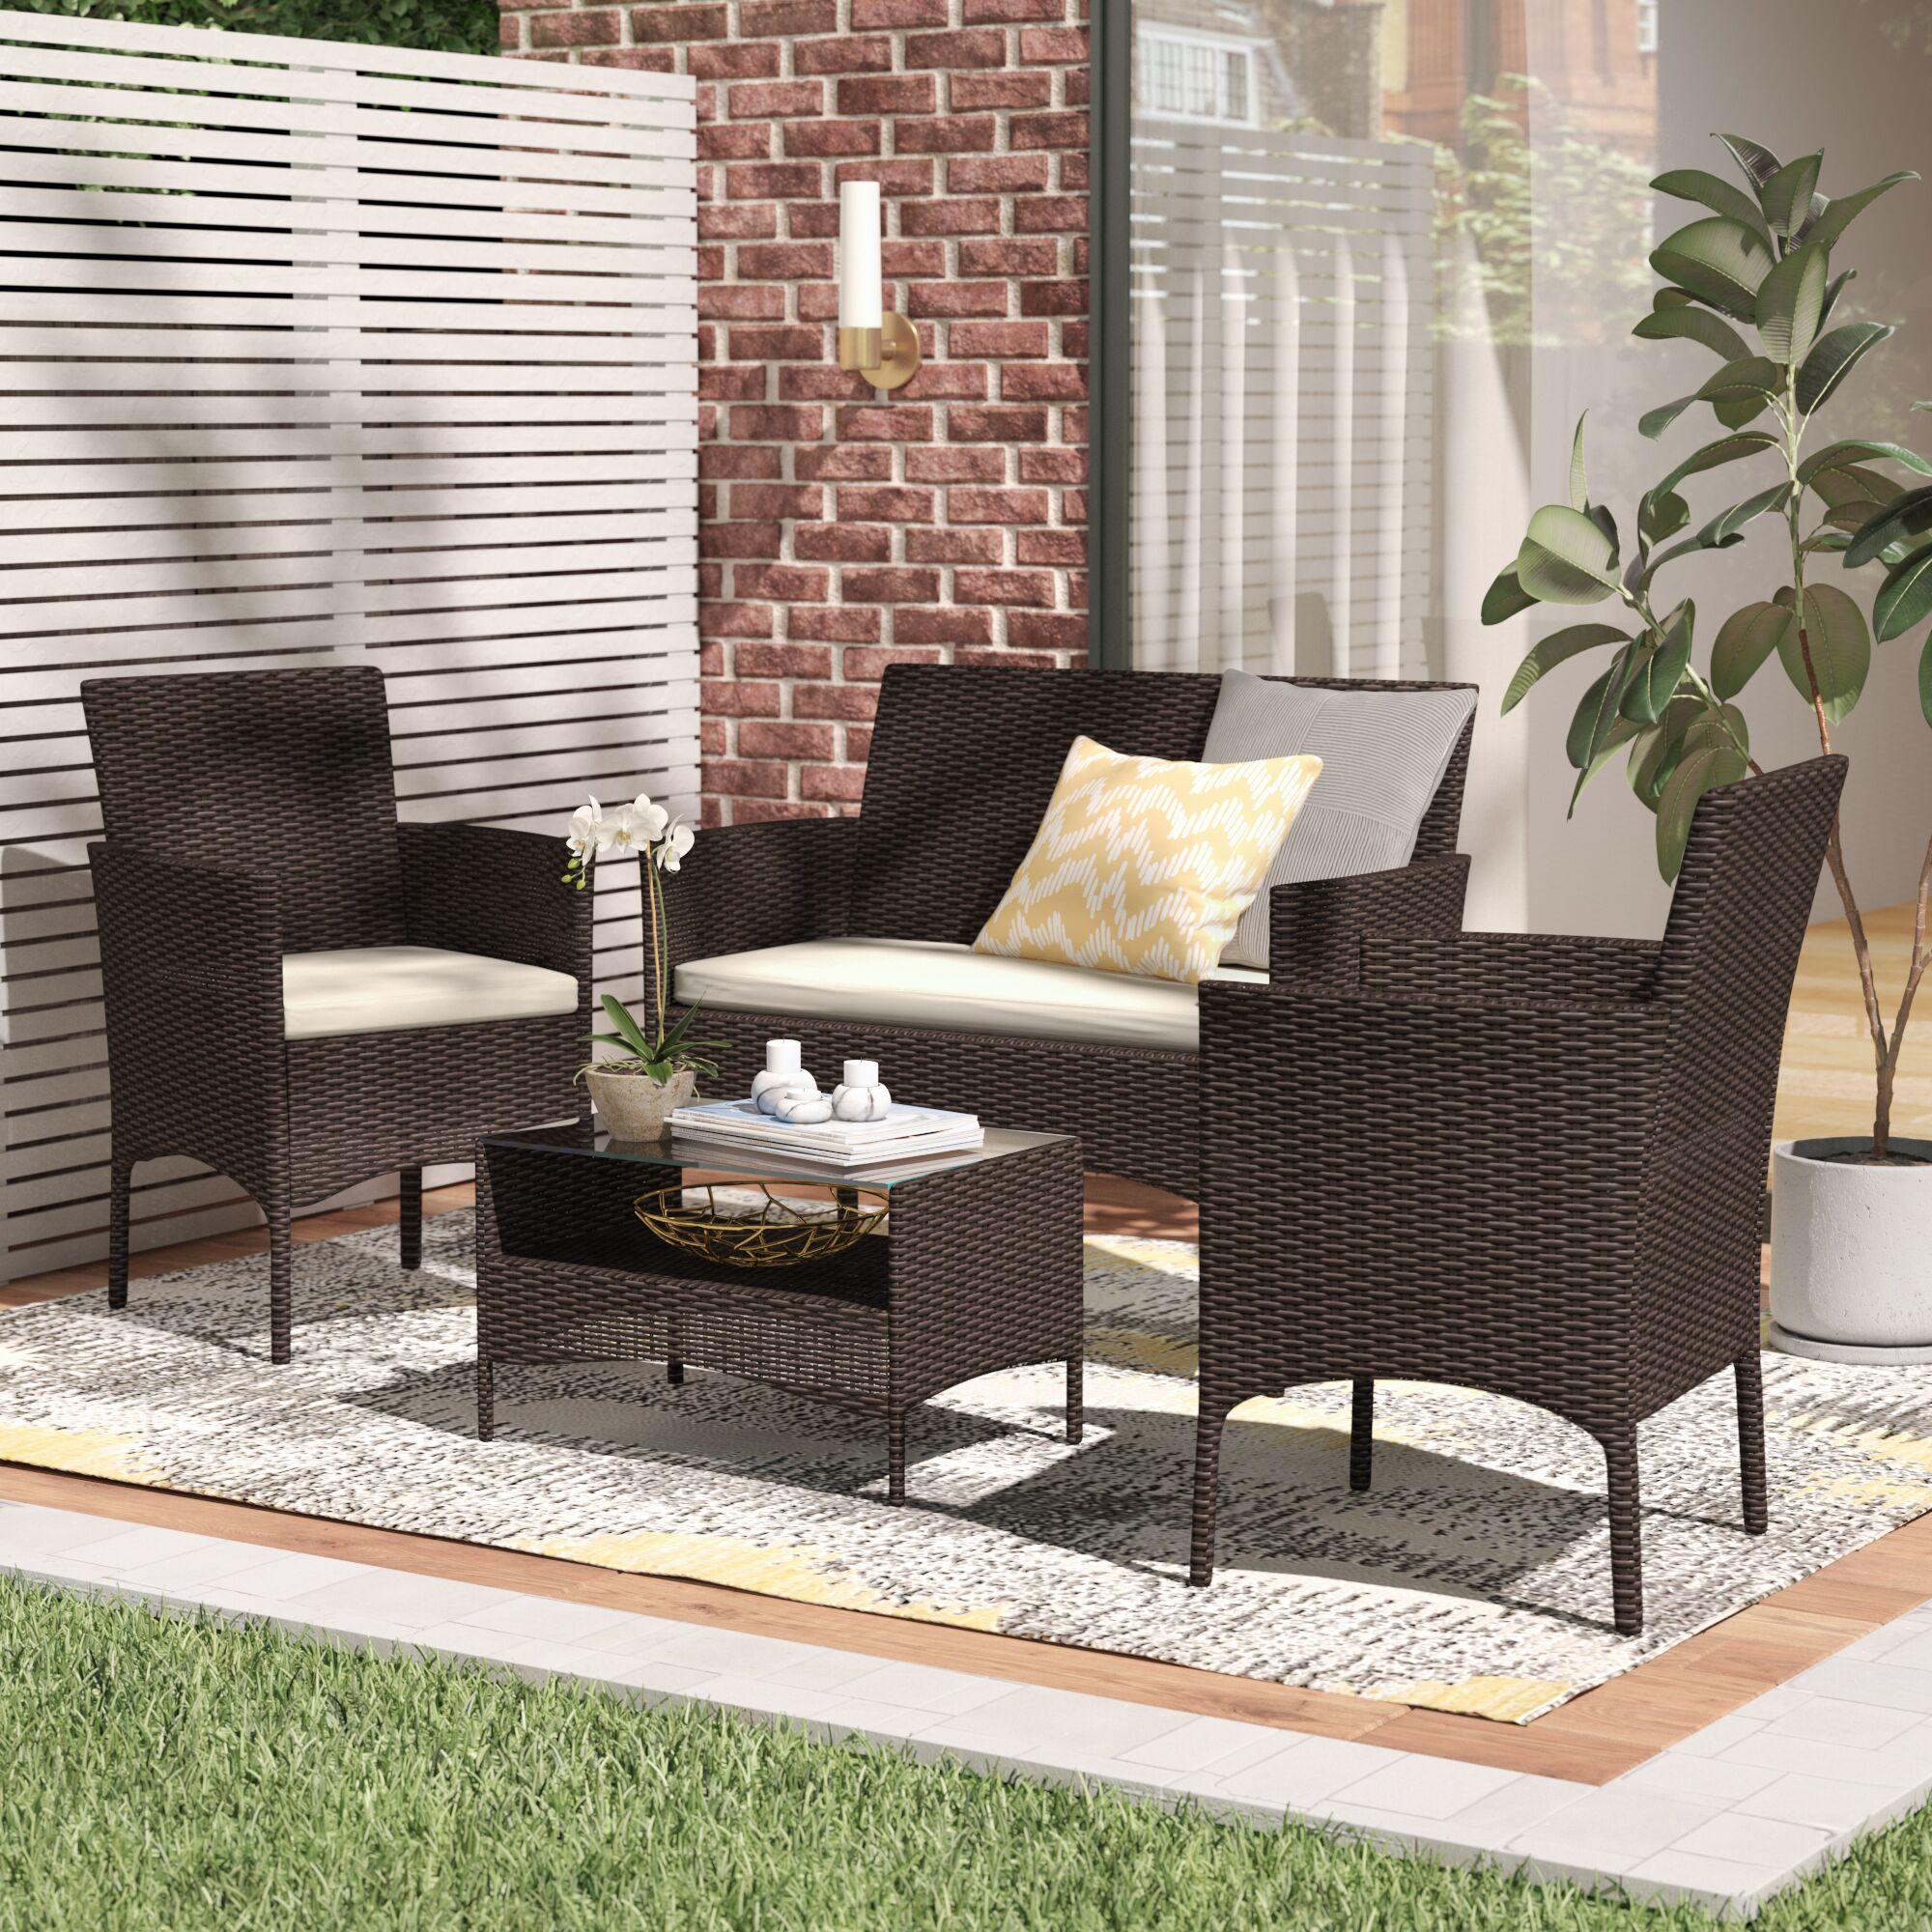 Woodland Park 4 Piece Sofa Set with Cushions Color: Espresso